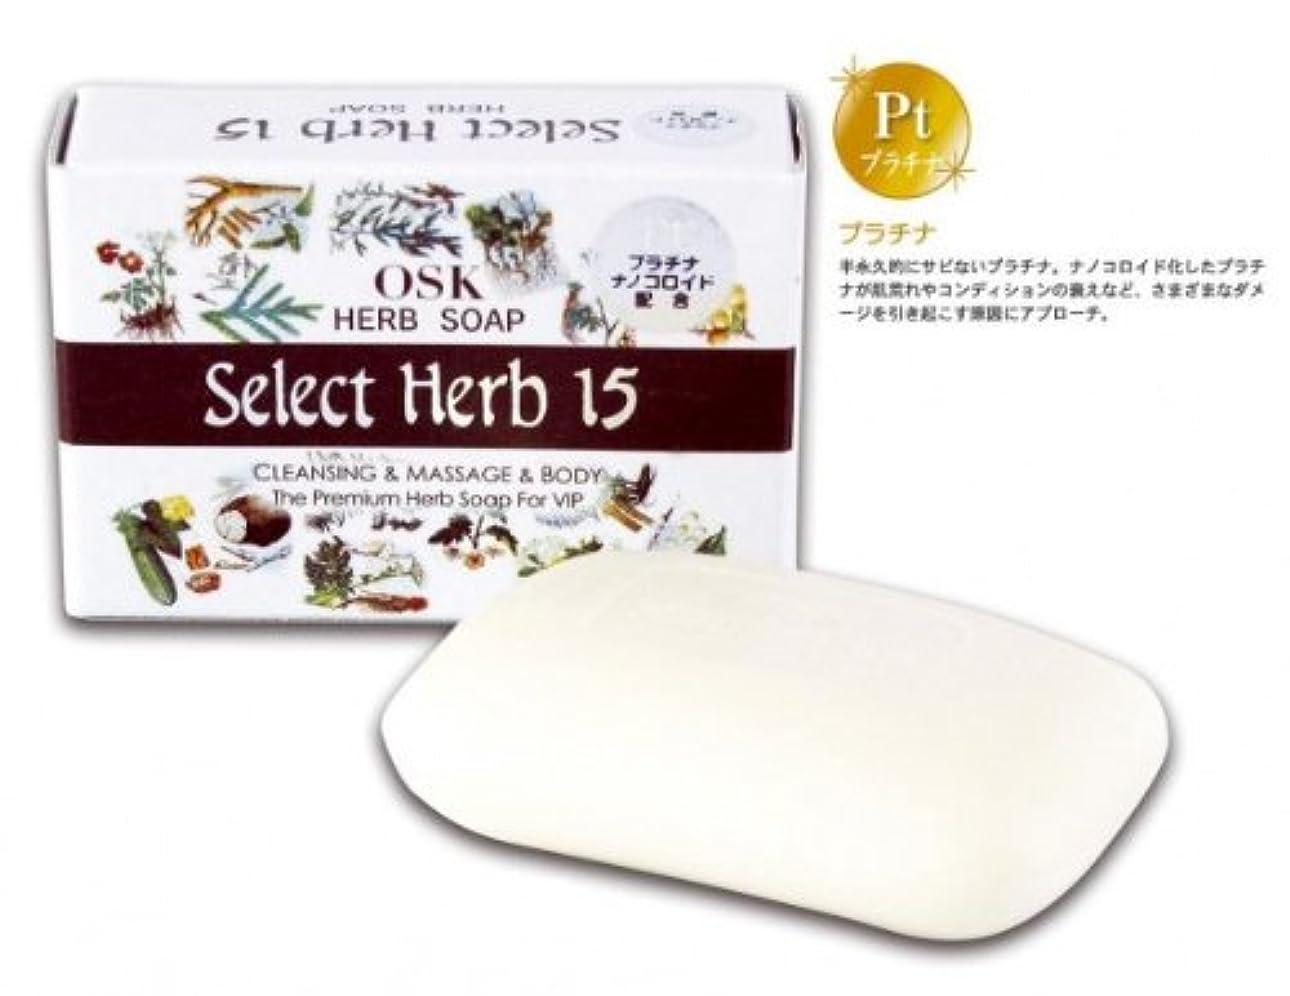 海藻農学空虚NEW OSK SOAP SelectHerb15(ニューオーエスケーソープセレクトハーブ15)135g